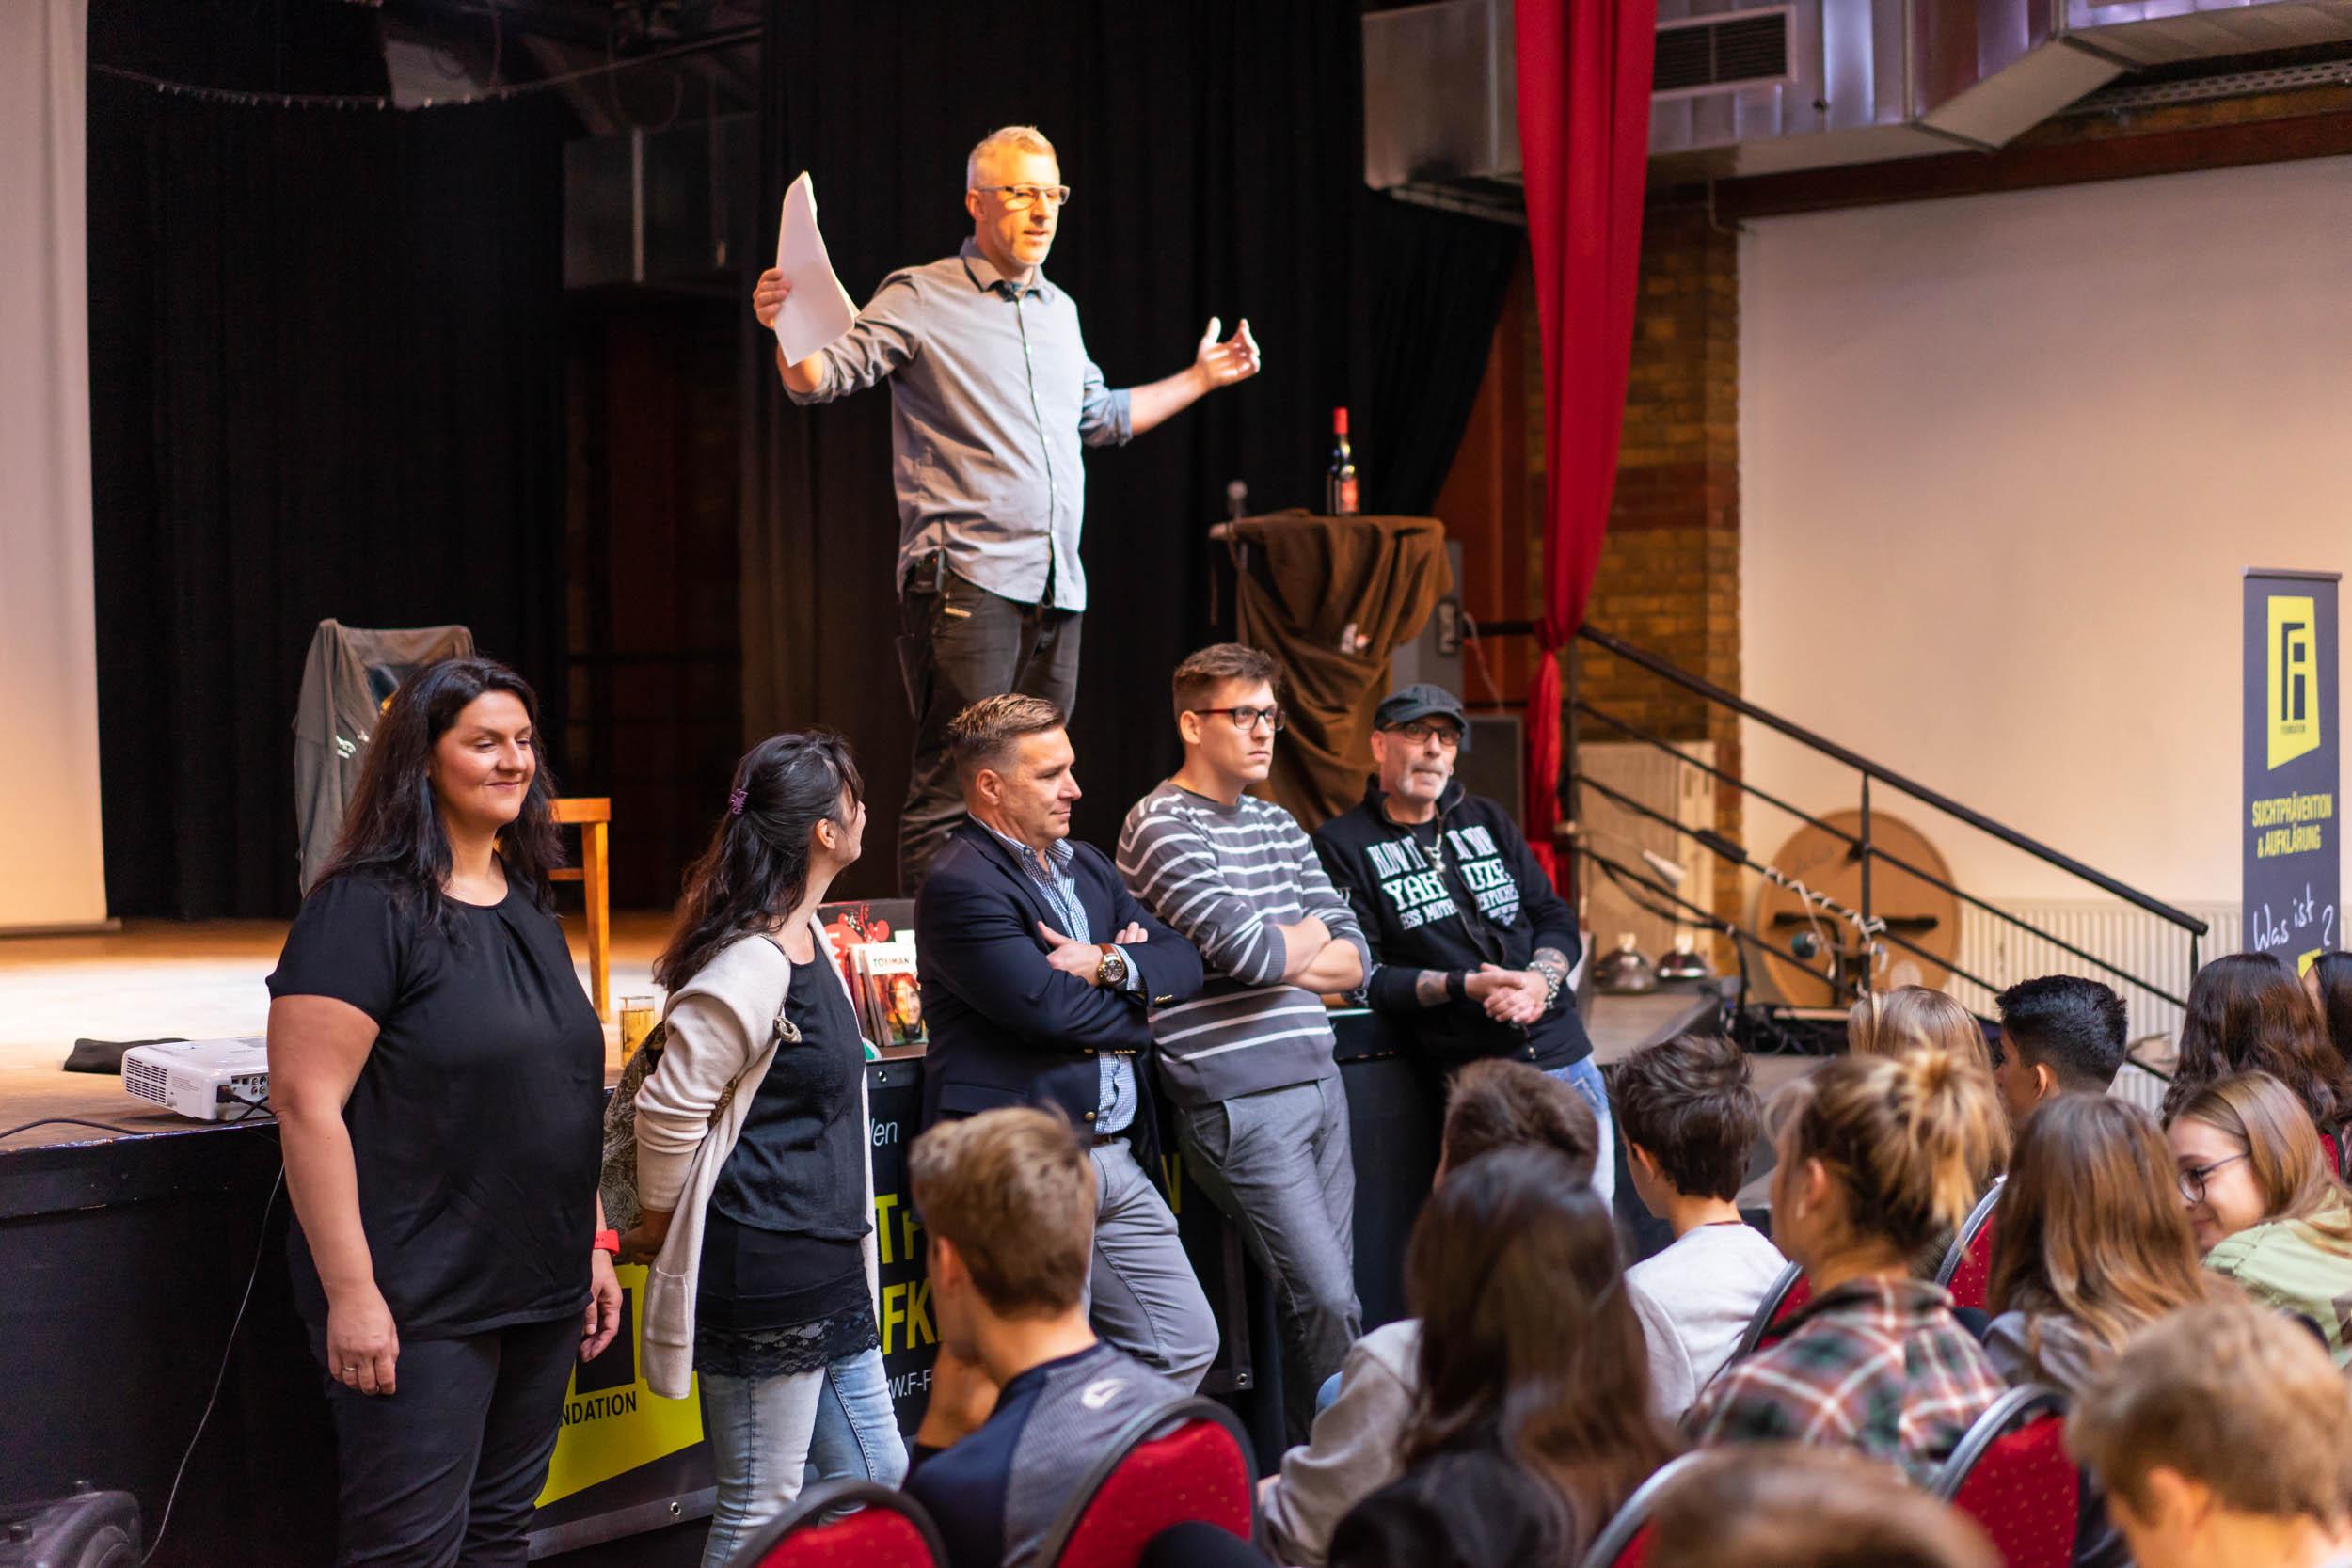 Key Note Speaker und Vortragsredner auf der Bühne und im Vordergrund sind Kollegen und Schüler